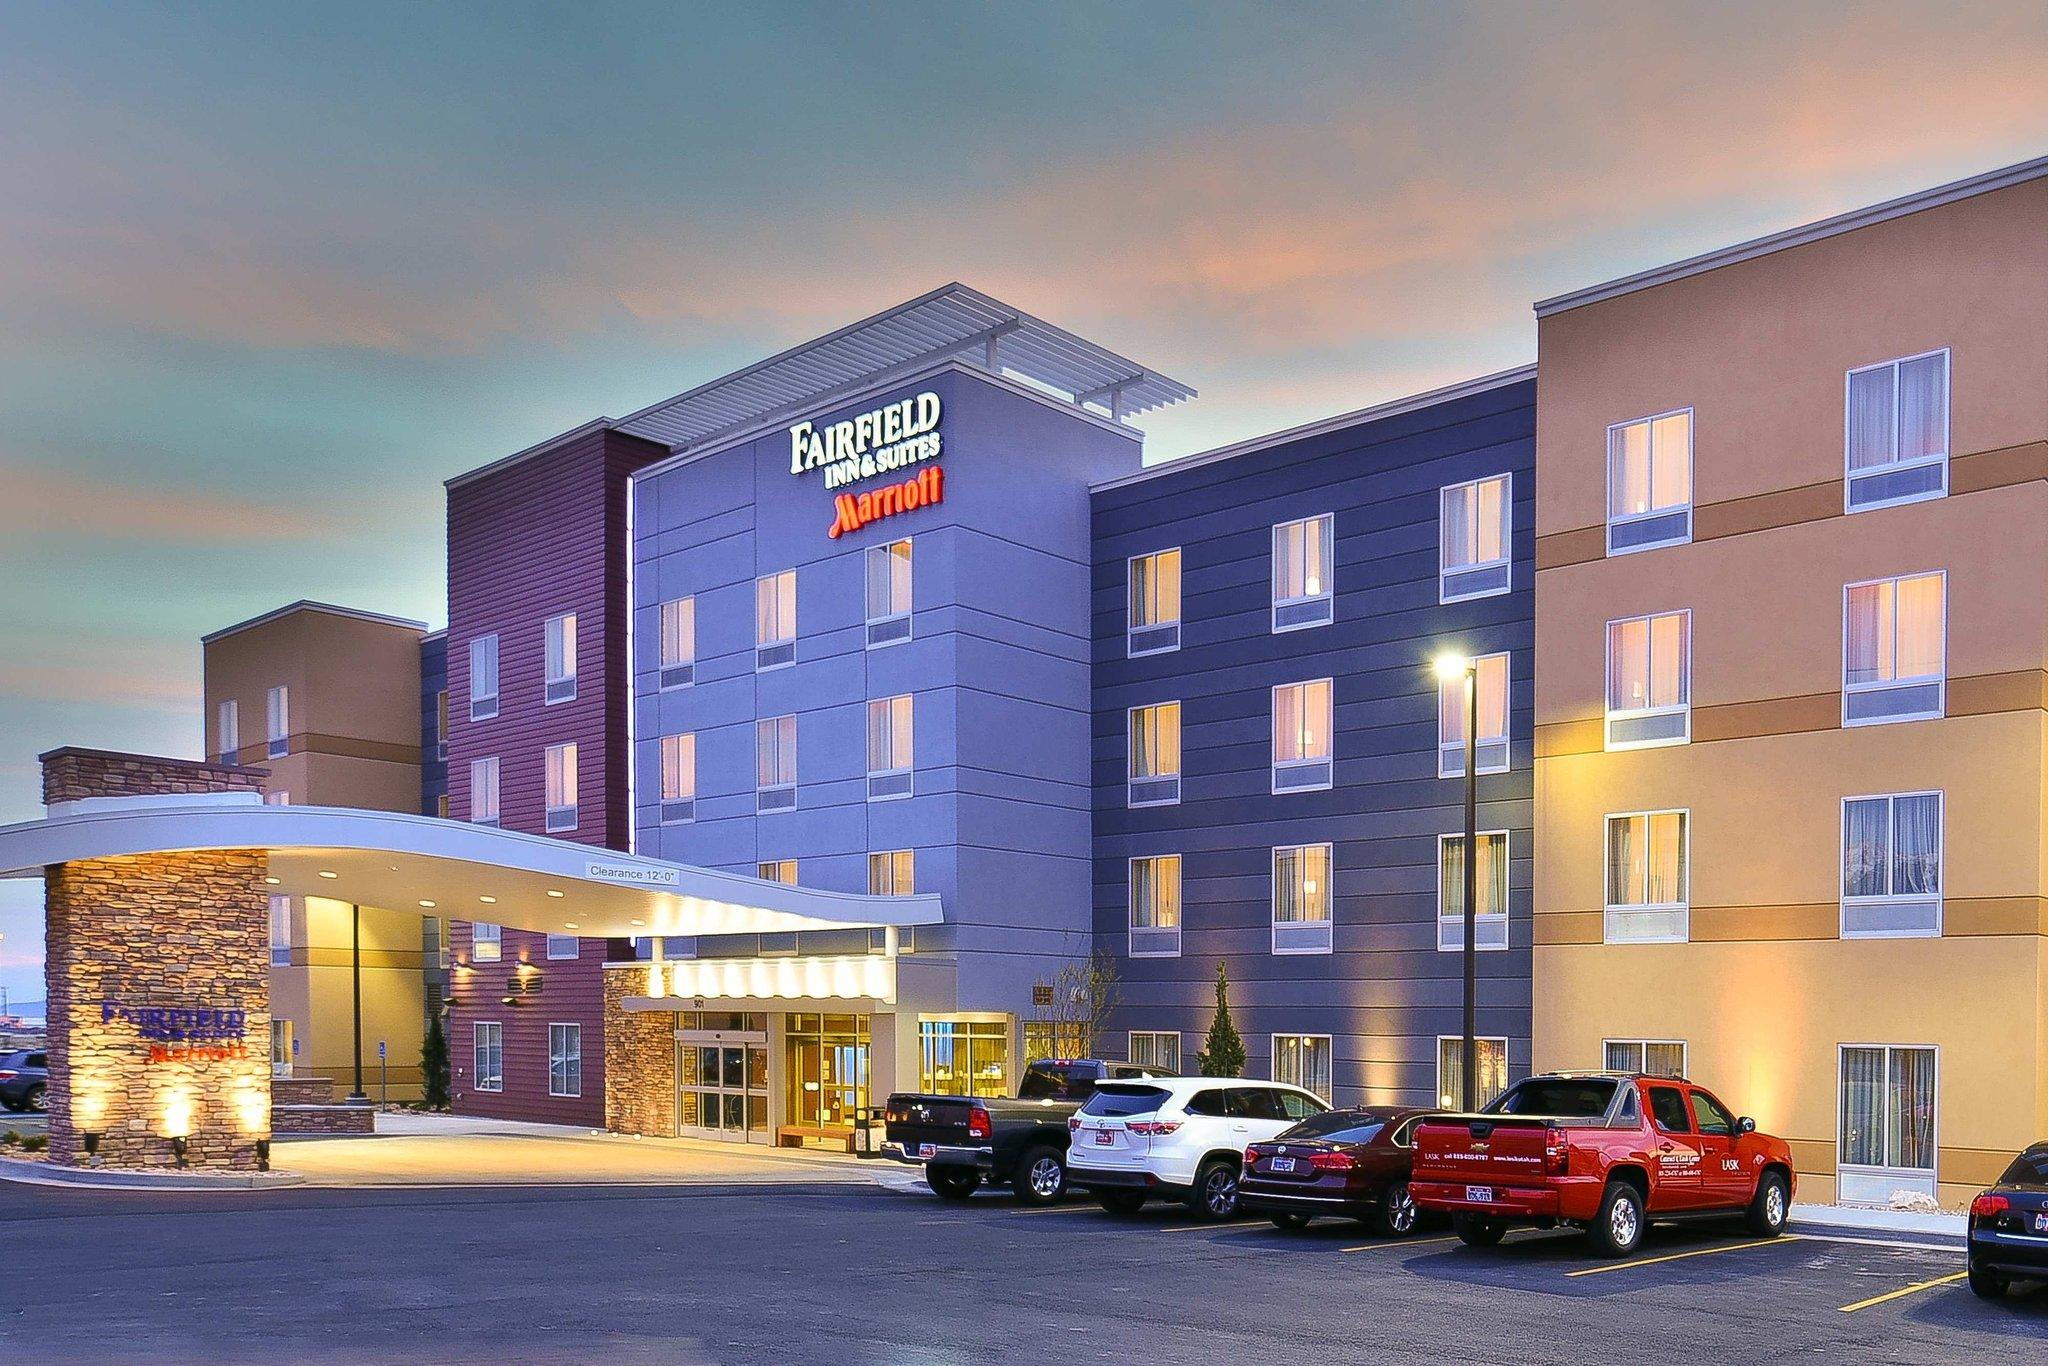 Fairfield Inn & Suites Provo Orem